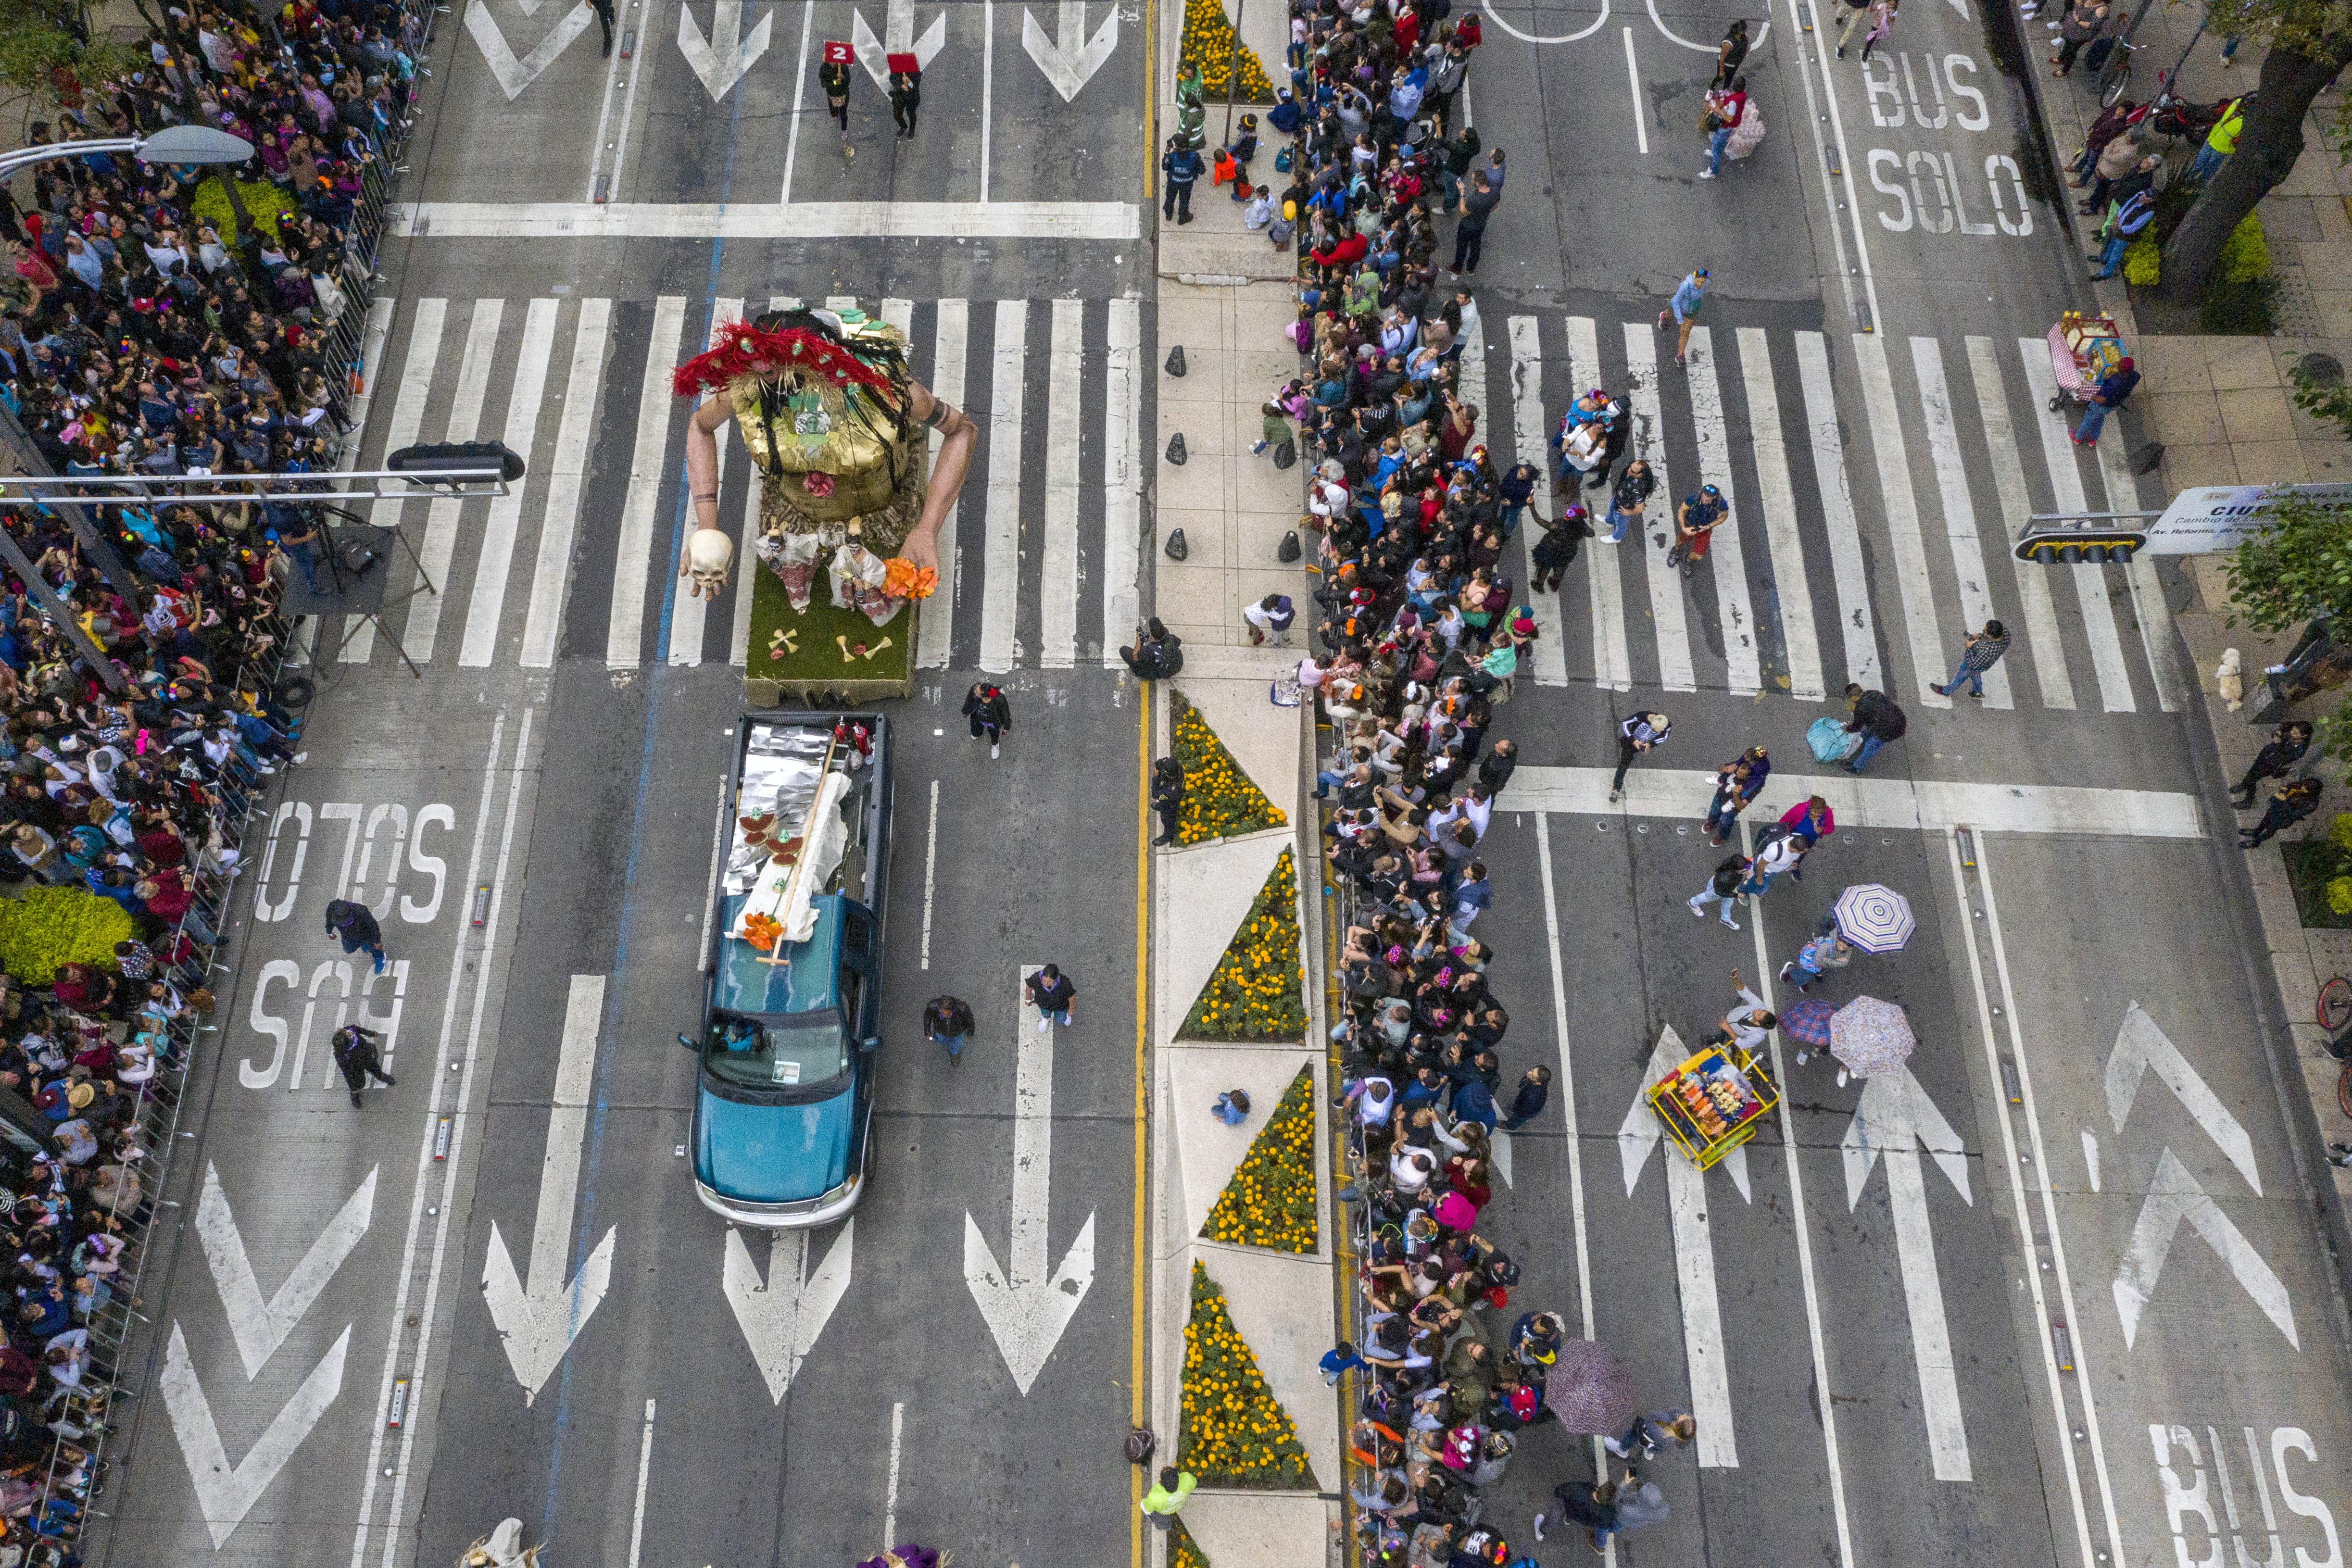 Vendedores ambulantes aprovecharon el día (Foto: Pedro Pardo/AFP)